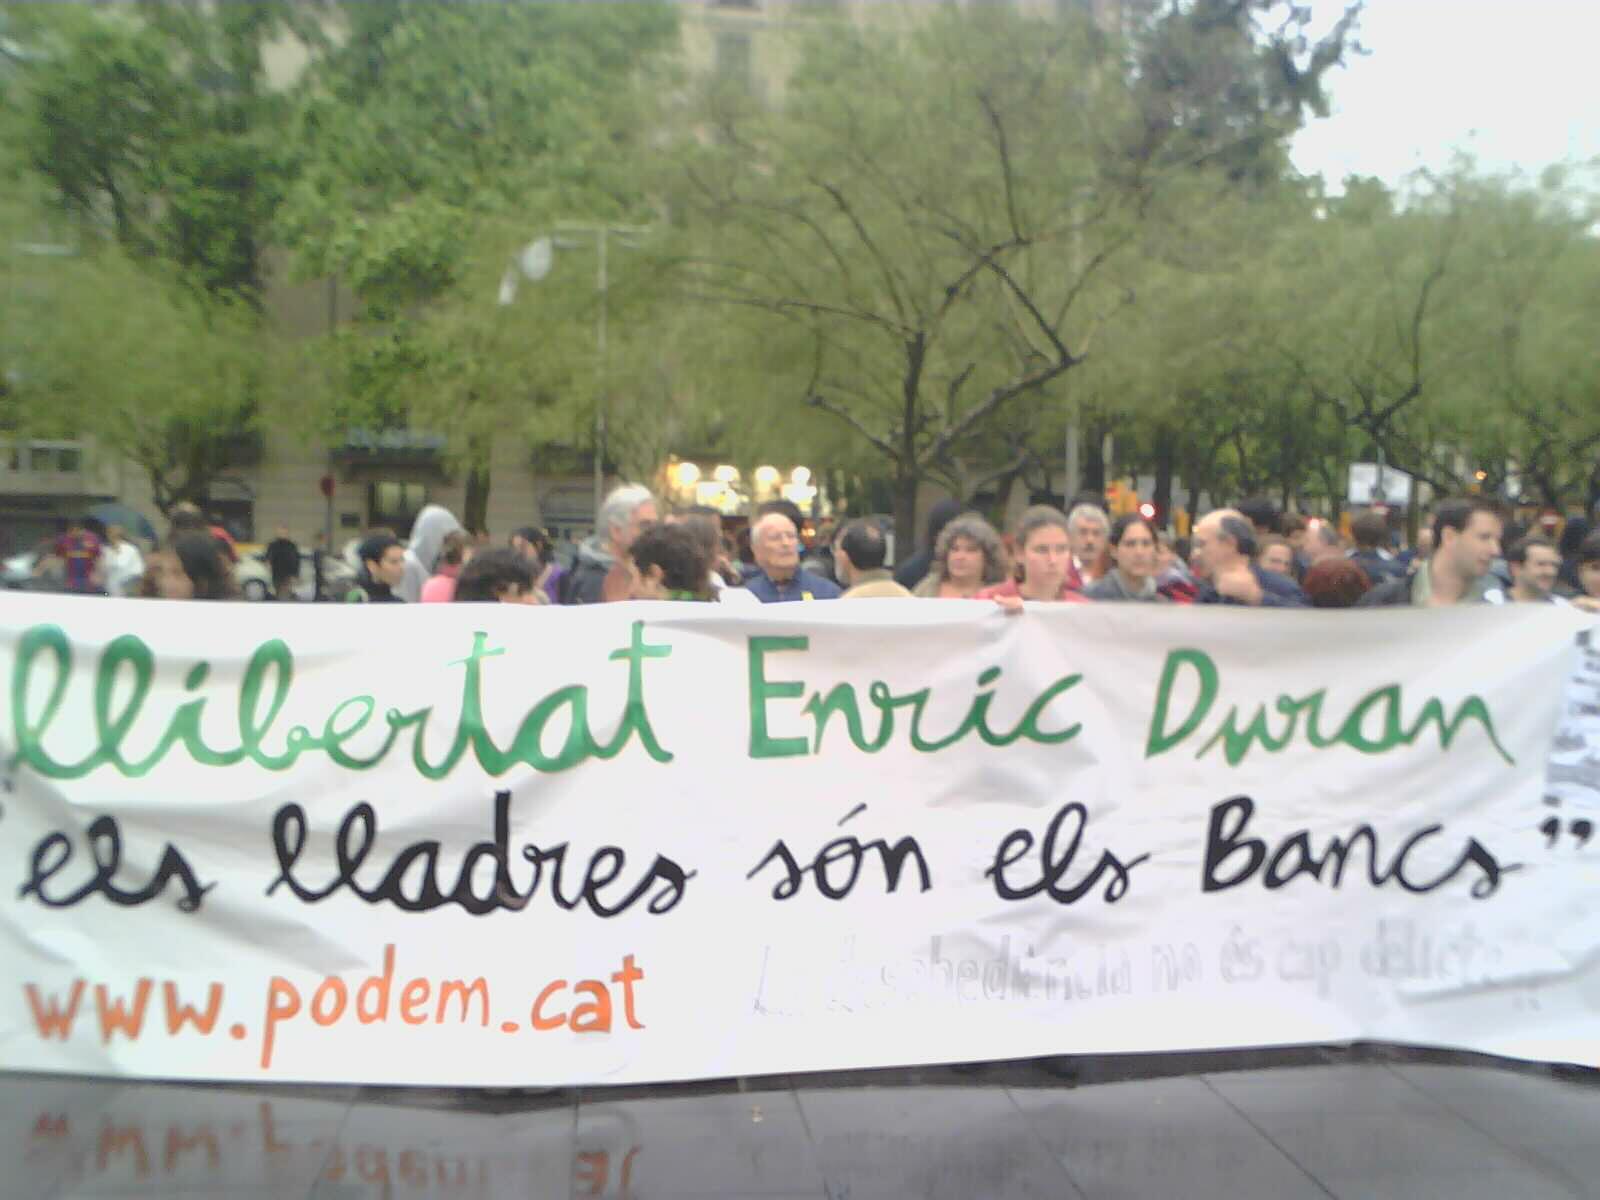 Manifestació a Barcelona per la llibertat d'Enric Duran. Foto: Sònia Bagudanch